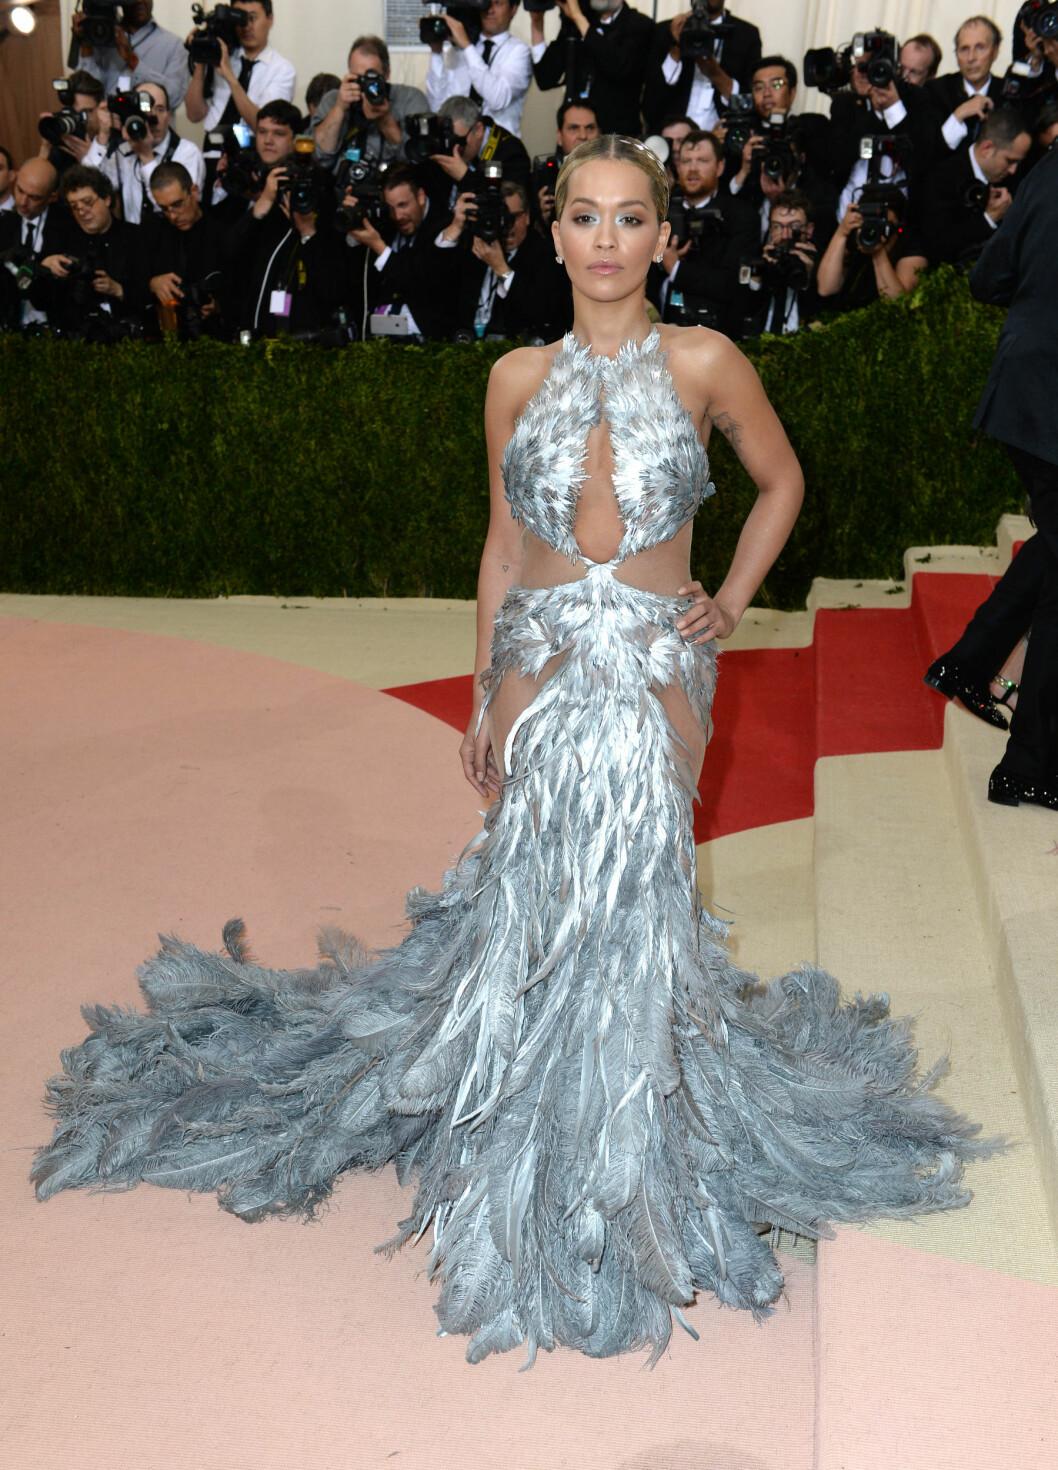 FJÆRPRYD: Popstjernen Rita Ora skilte seg ut i en sølvfarget fjærkjole med matchende øyensminke. Foto: Pa Photos